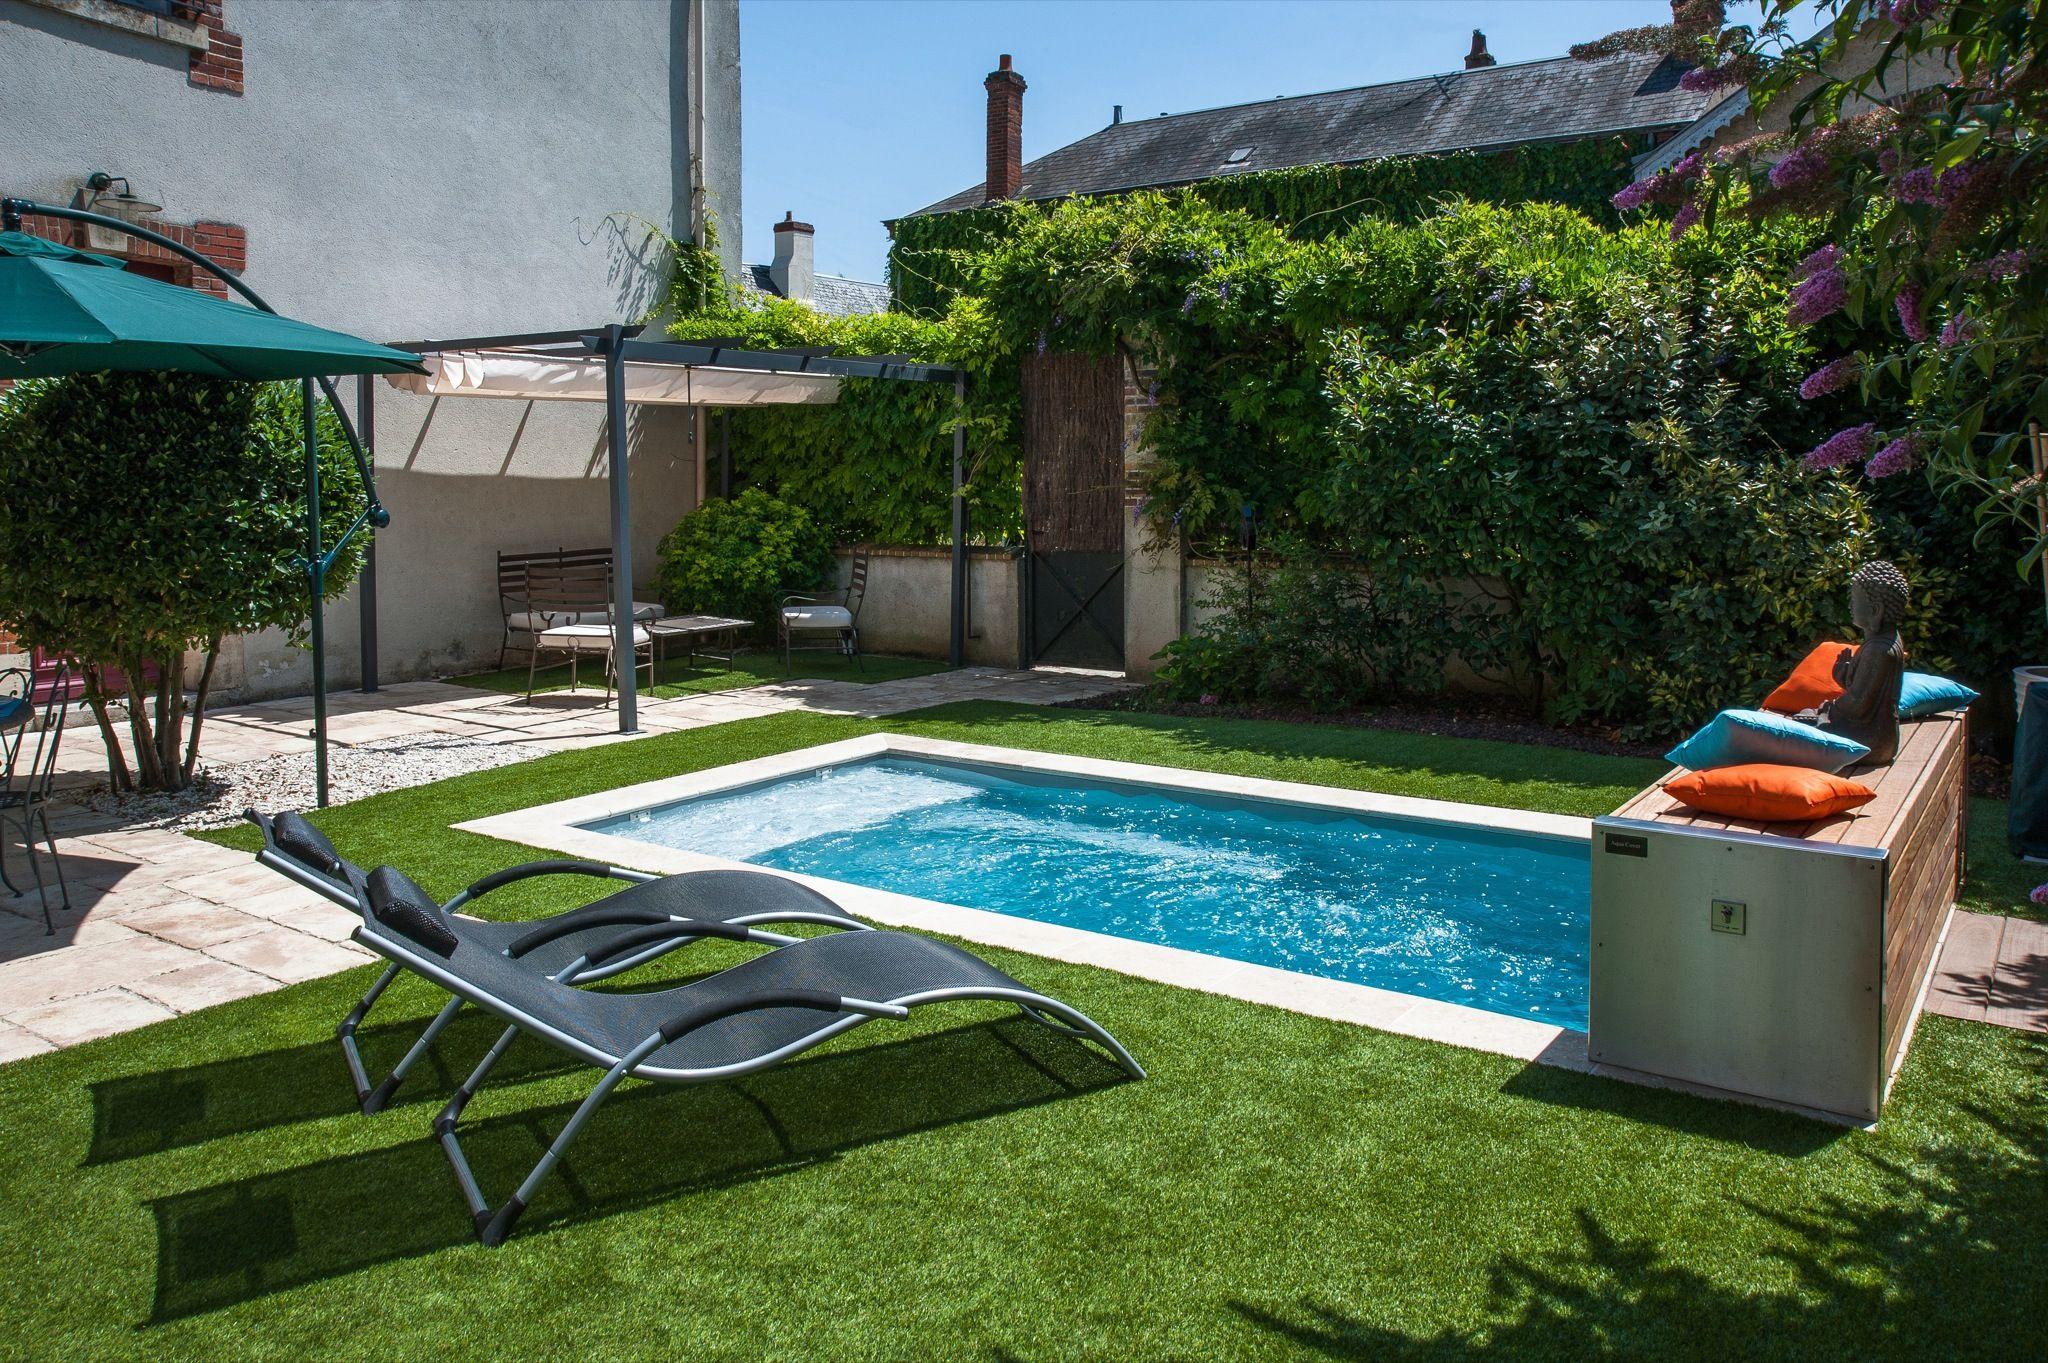 La citadine par l esprit piscine – 4 50 x 2 20 m Fond plat 1 45m